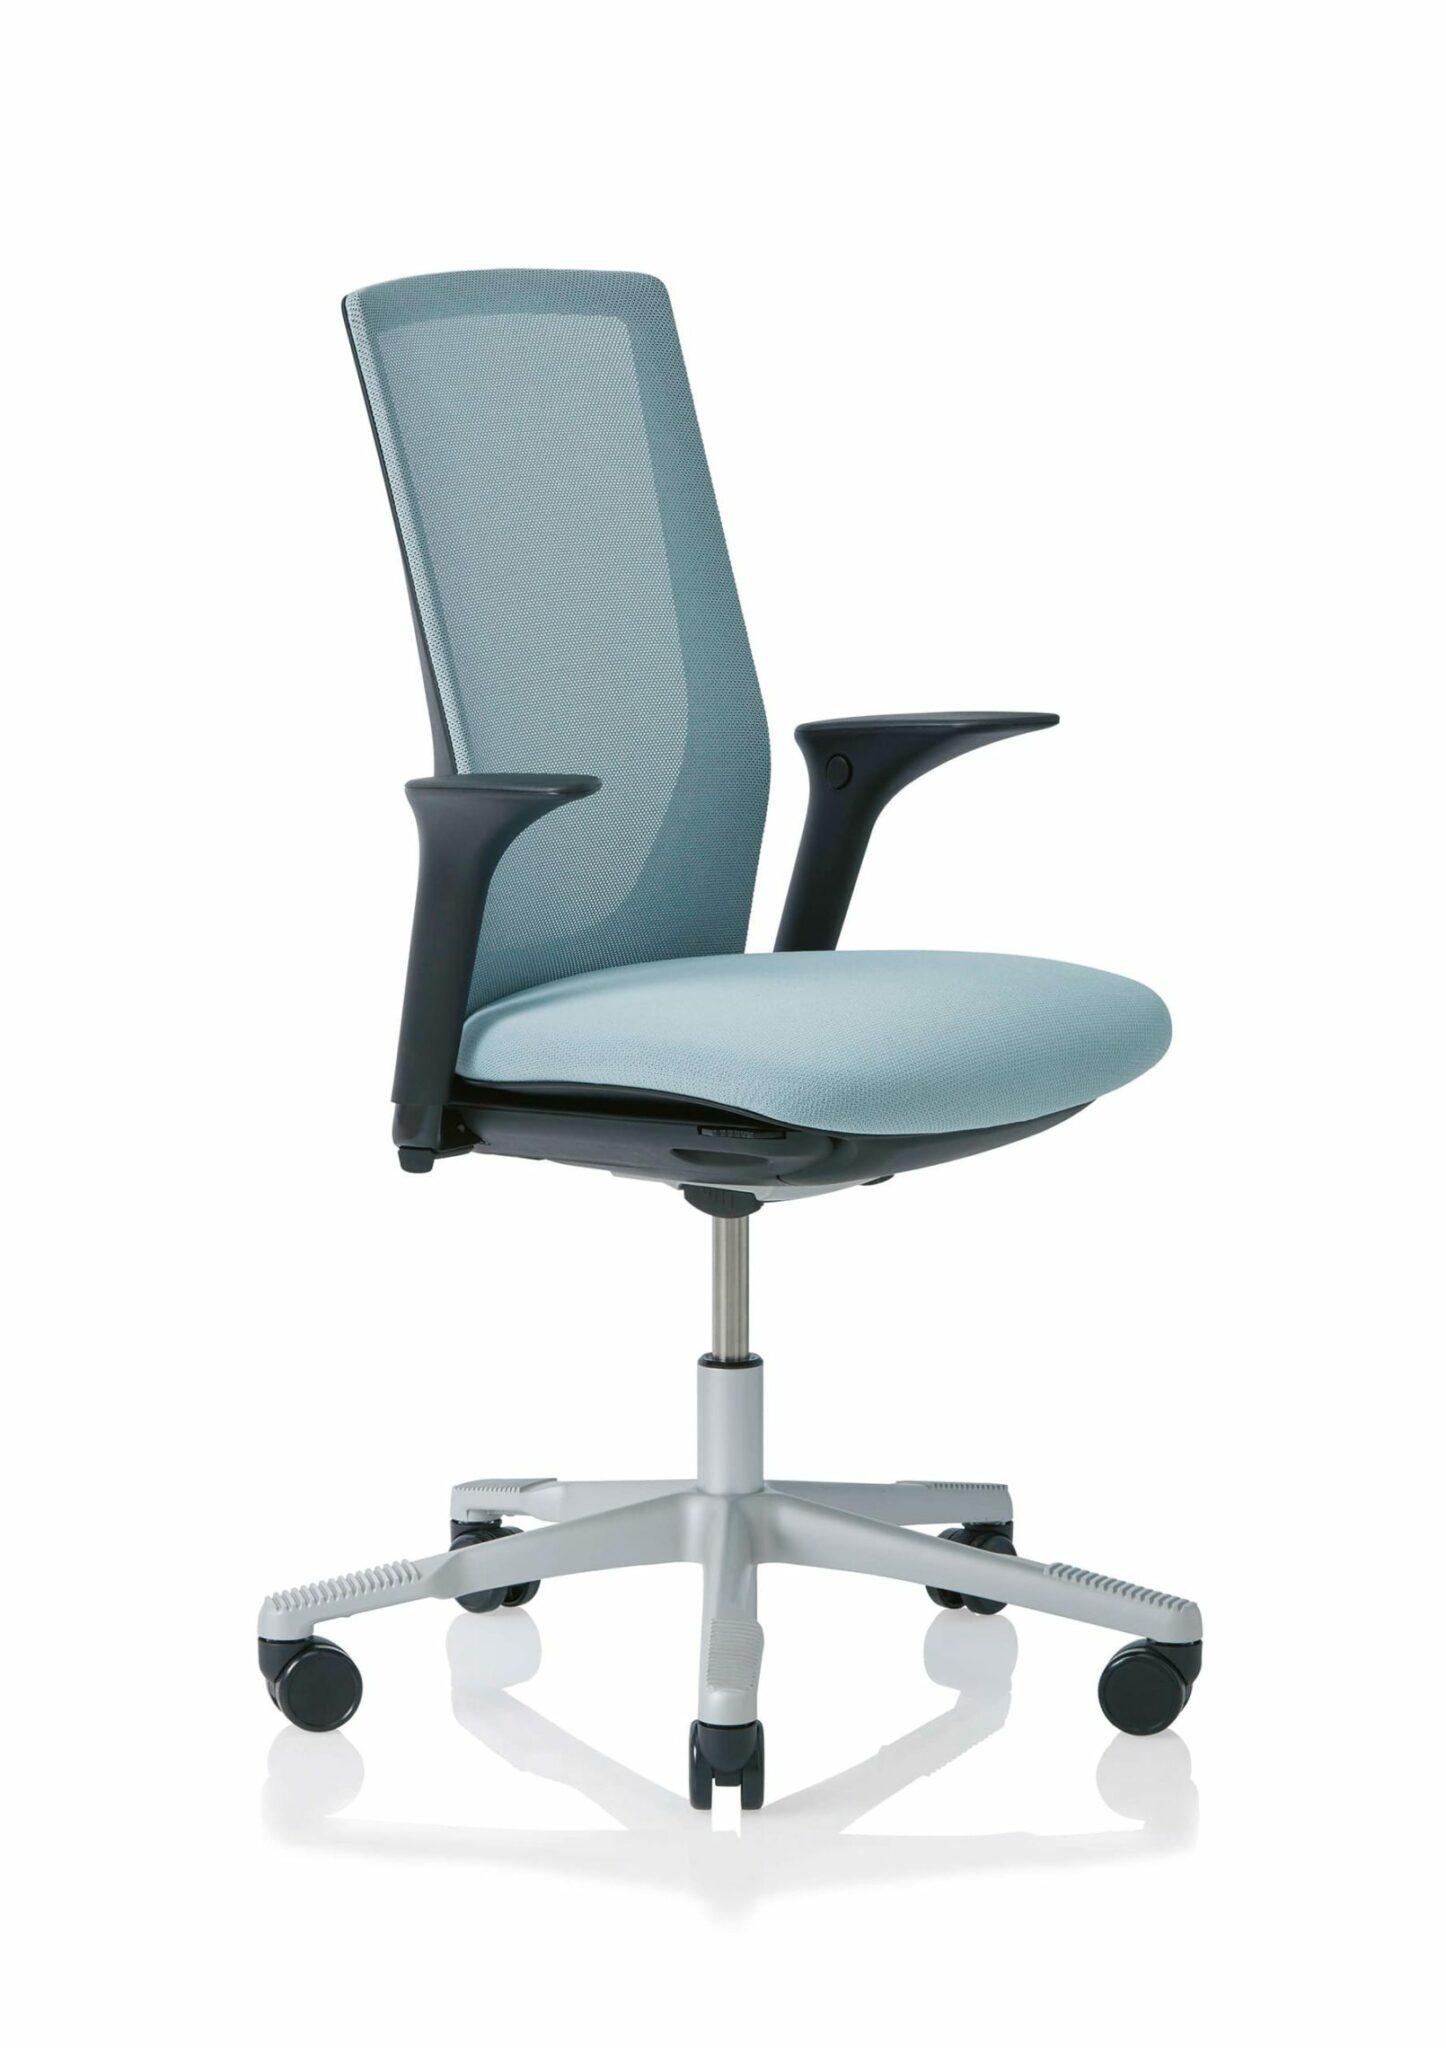 HÅG Futu 1100-S bureaustoel met FutuKnit mesh rugleuning en zitting gestoffeerd in FutuKnit solid. Optioneel met lendensteun